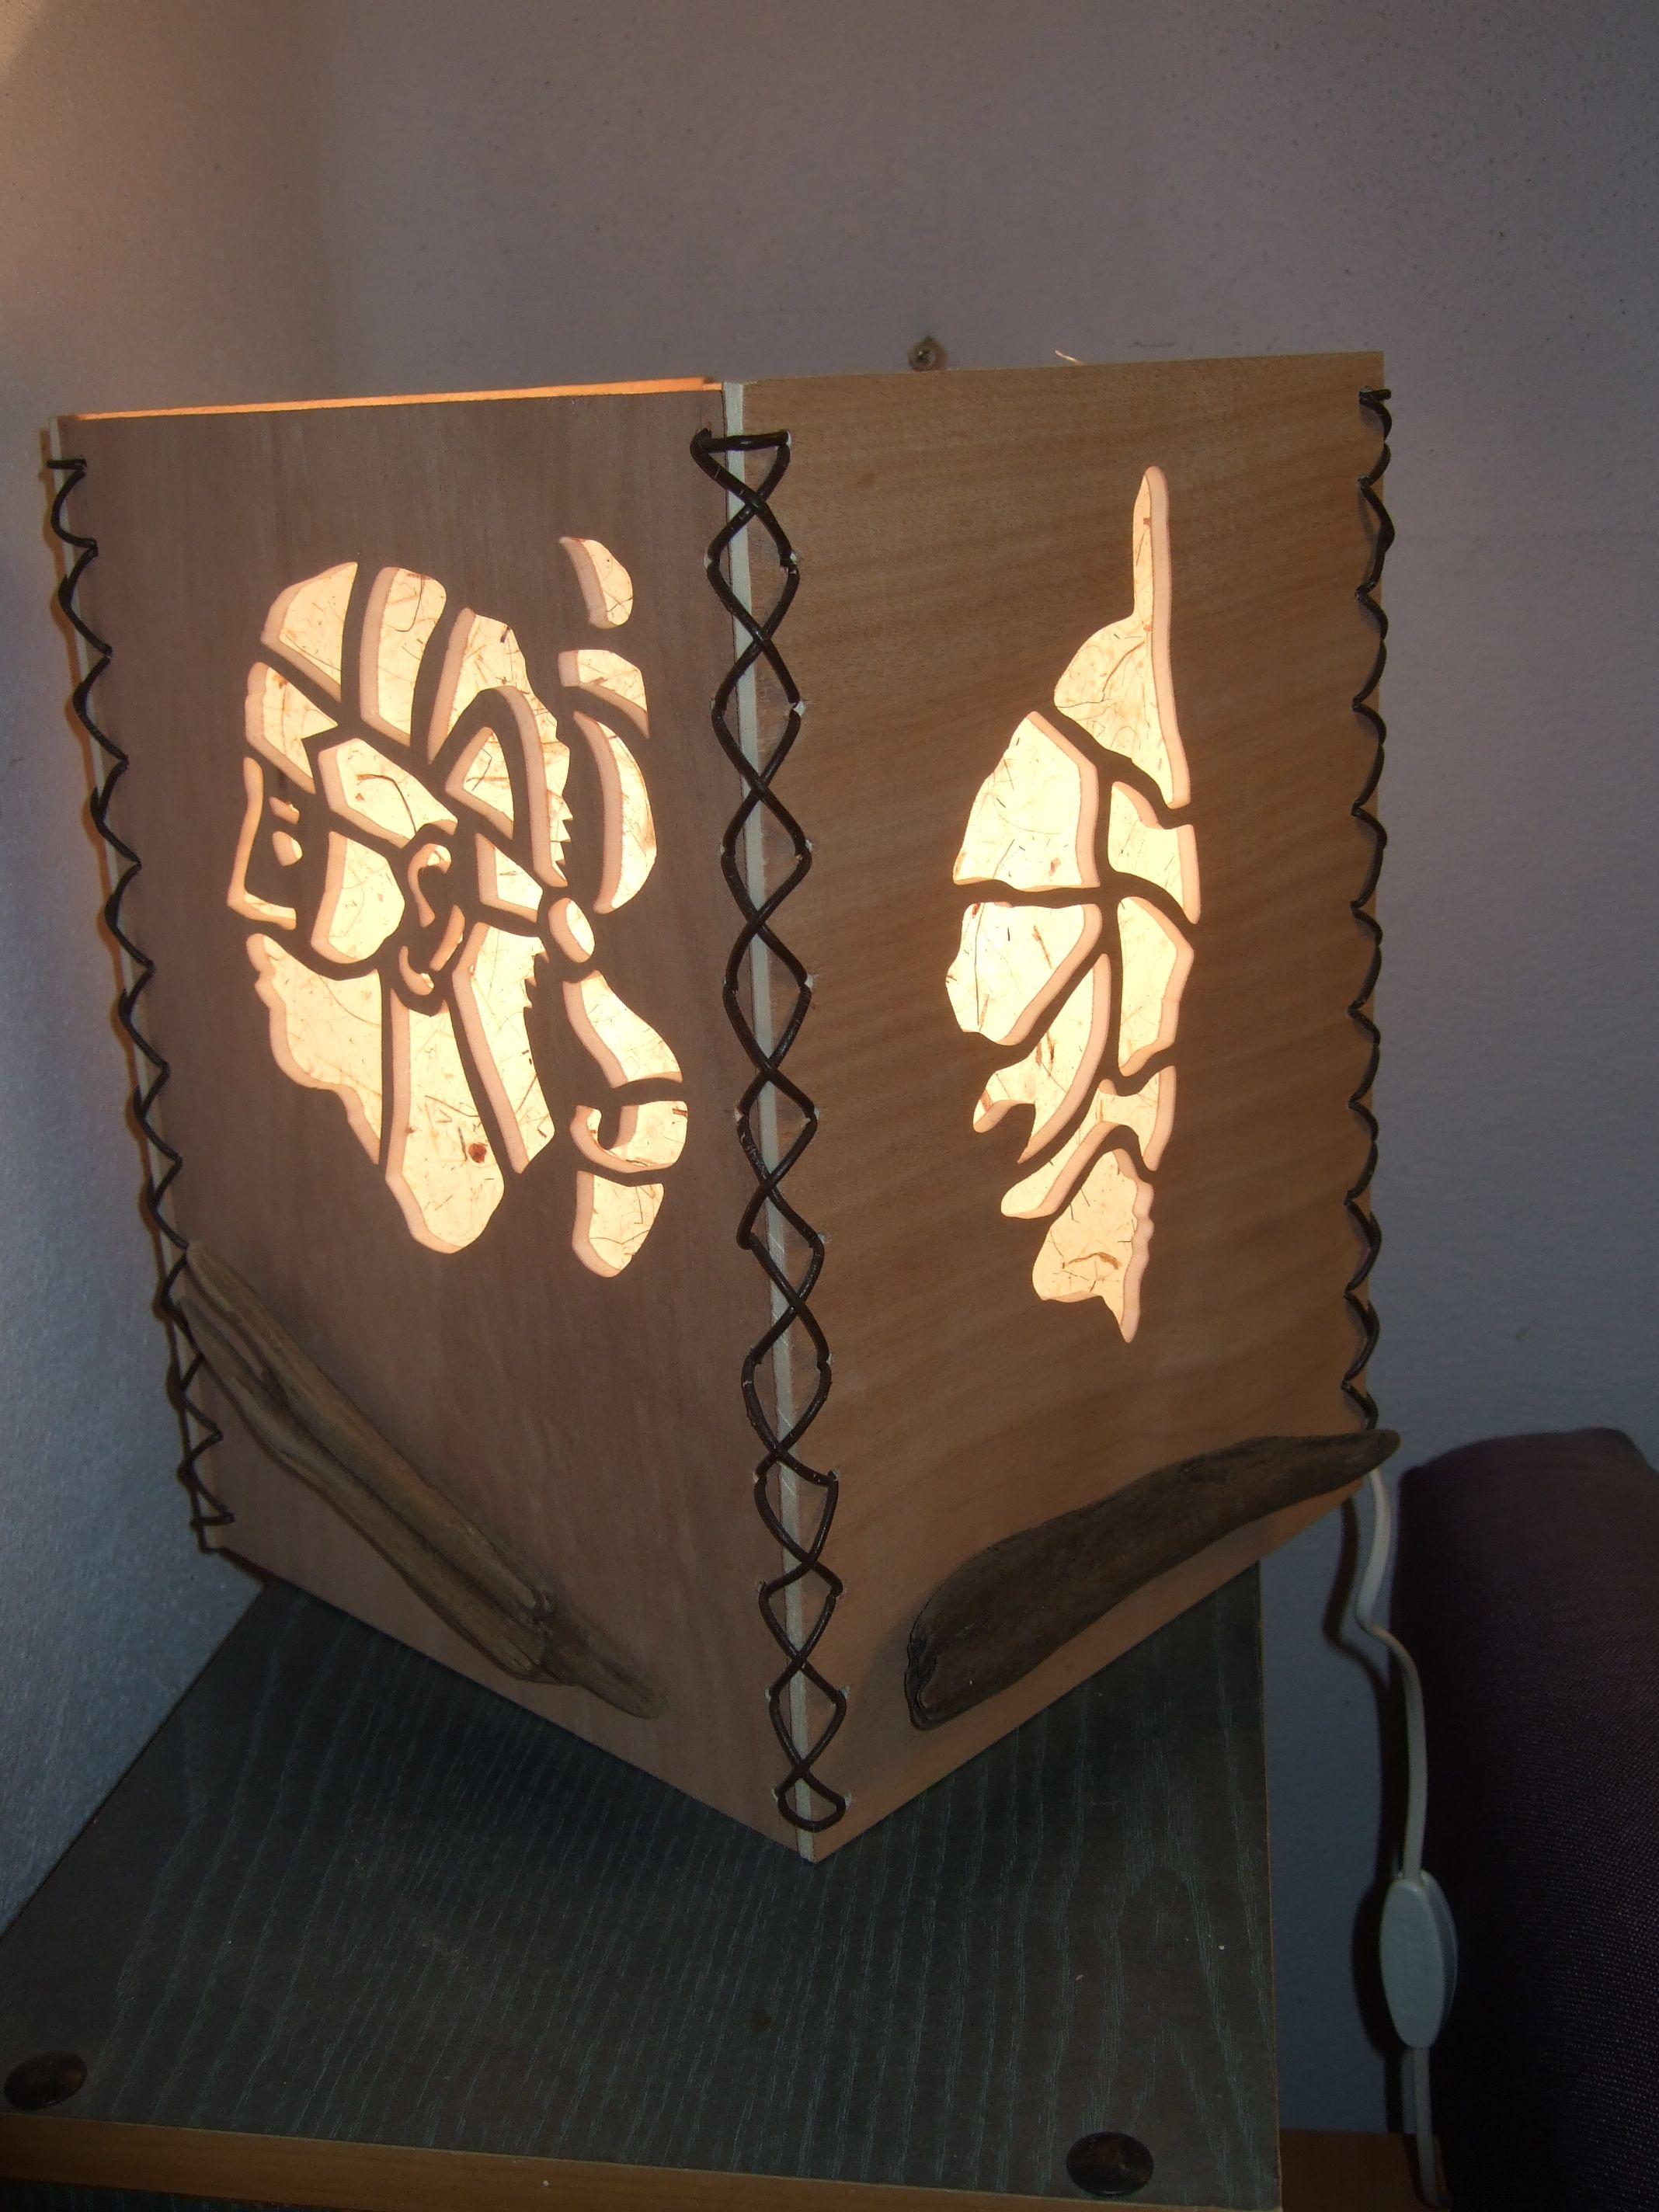 lampe en bois d coup la scie chantourner scrollsaw. Black Bedroom Furniture Sets. Home Design Ideas